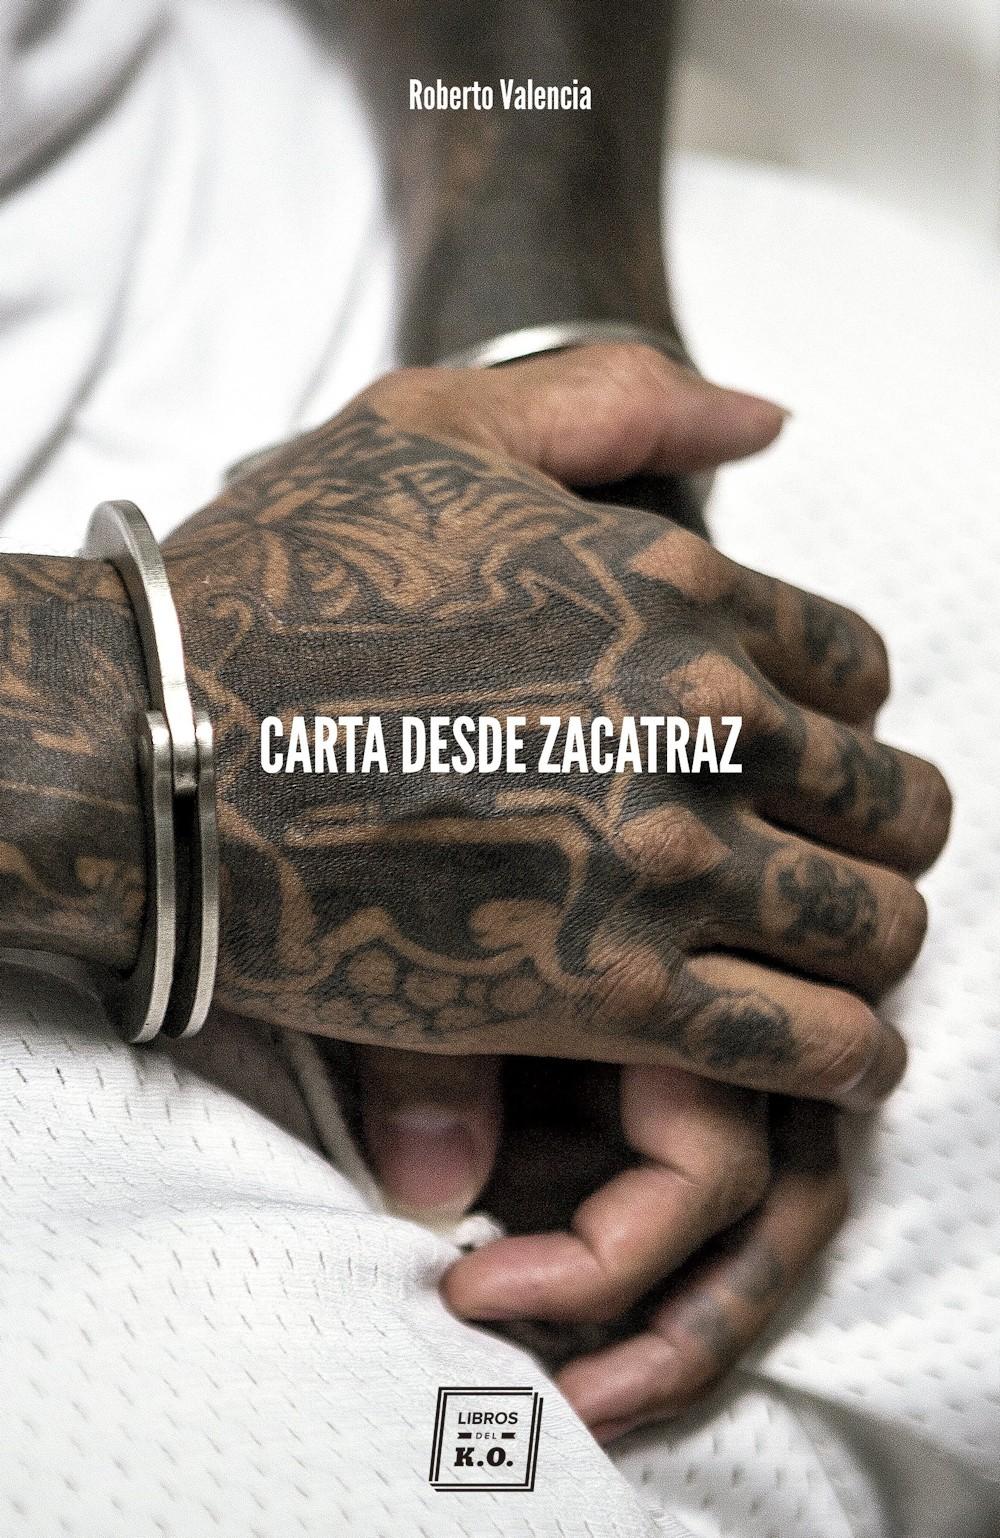 carta-zacatraz-valencia.jpg